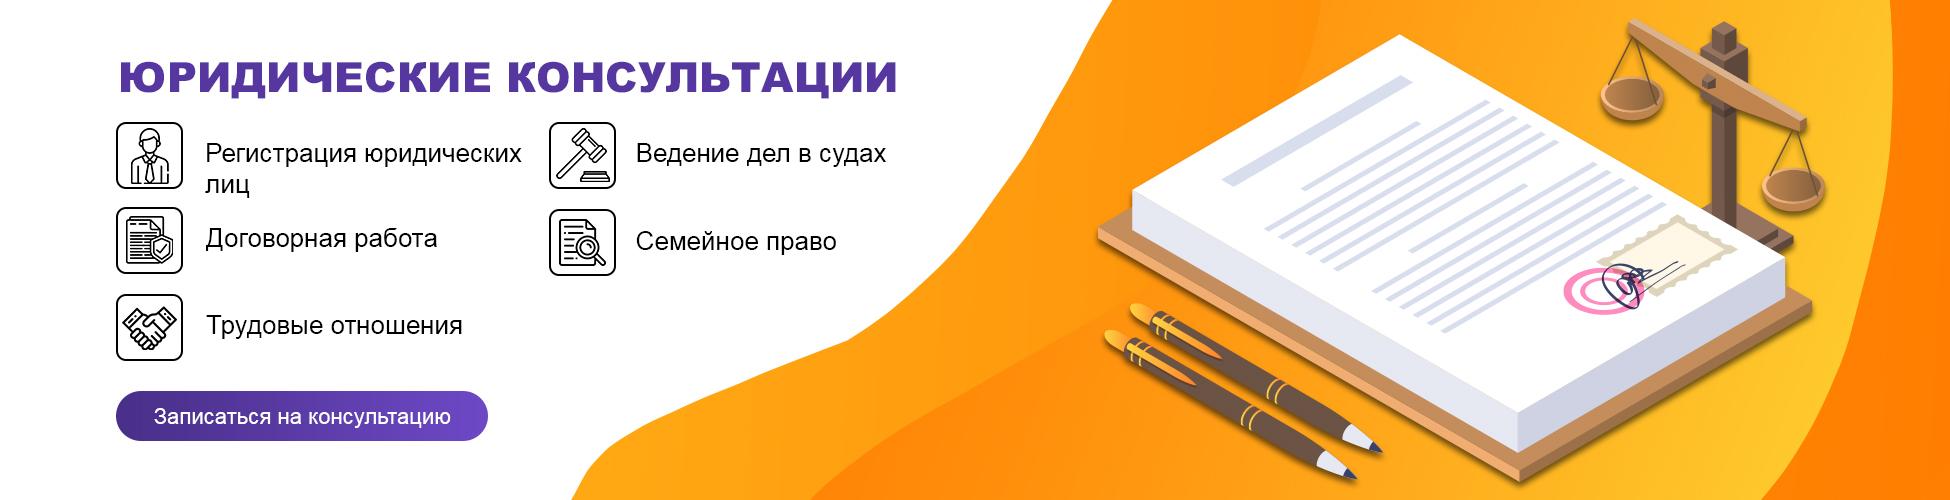 Консультант регистрация ооо азбука бухгалтера онлайн